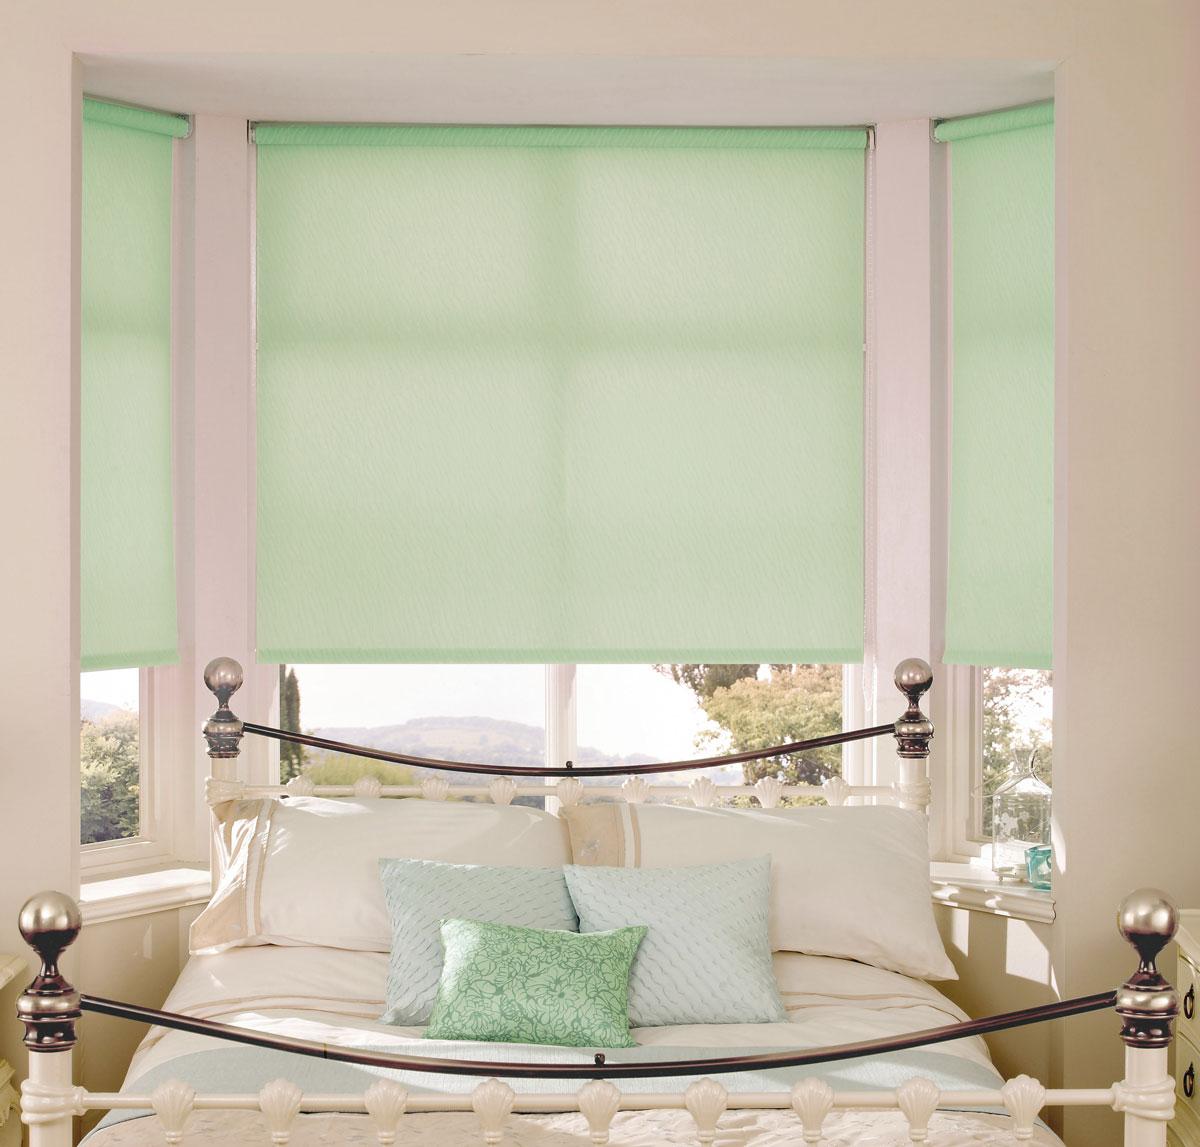 Штора рулонная KauffOrt Миниролло, цвет: светло-зеленый, 62 х 170 см3062017Рулонная штора Миниролло выполнена из высокопрочной ткани, которая сохраняет свой размер даже при намокании. Ткань не выцветает и обладает отличной цветоустойчивостью. Миниролло - это подвид рулонных штор, который закрывает не весь оконный проем, а непосредственно само стекло. Такие шторы крепятся на раму без сверления при помощи зажимов или клейкой двухсторонней ленты. Окно остается на гарантии, благодаря монтажу без сверления. Такая штора станет прекрасным элементом декора окна и гармонично впишется в интерьер любого помещения.